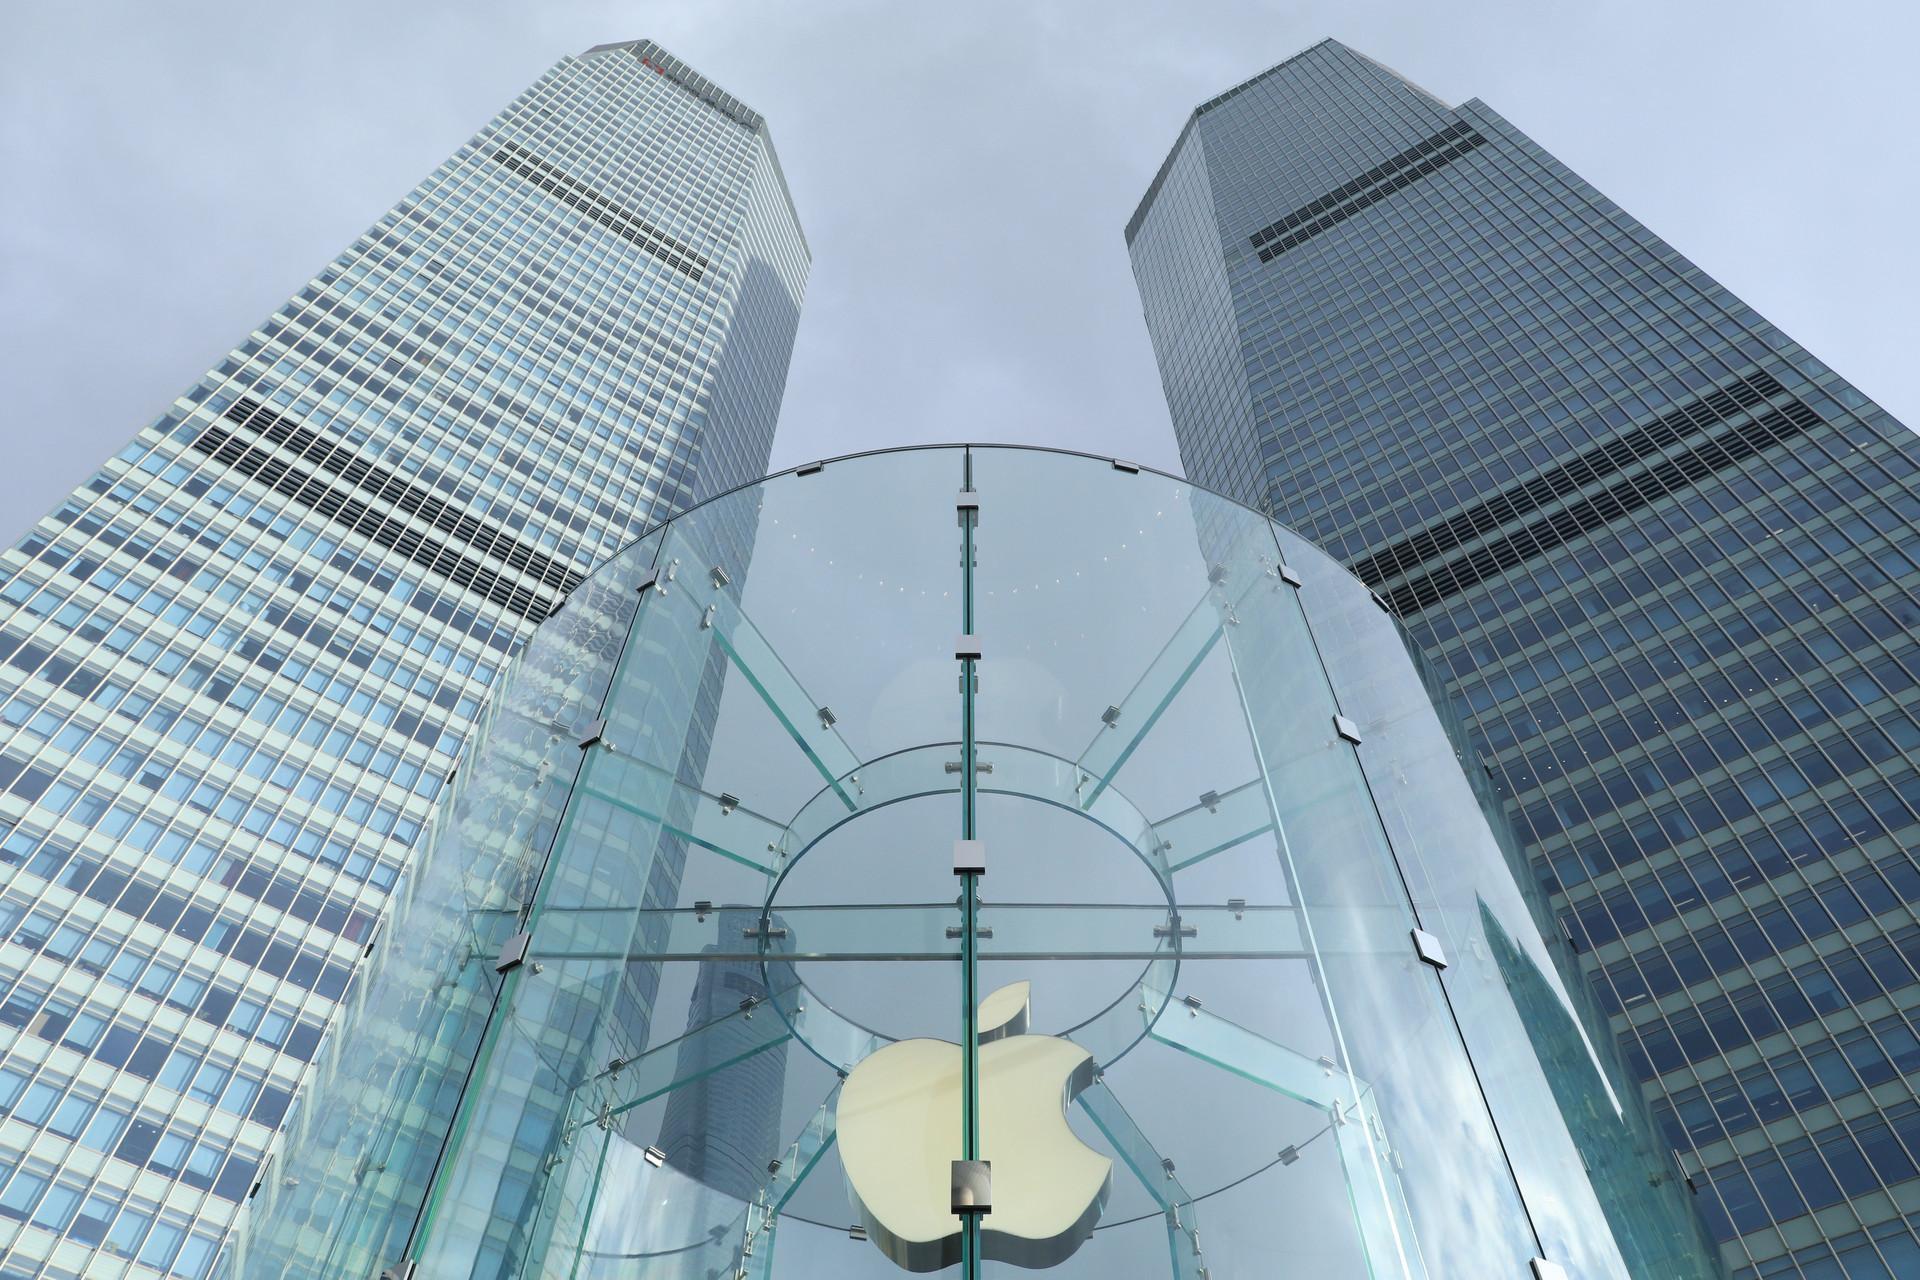 苹果布局QD-OLED专利,将影响显示技术竞争格局?